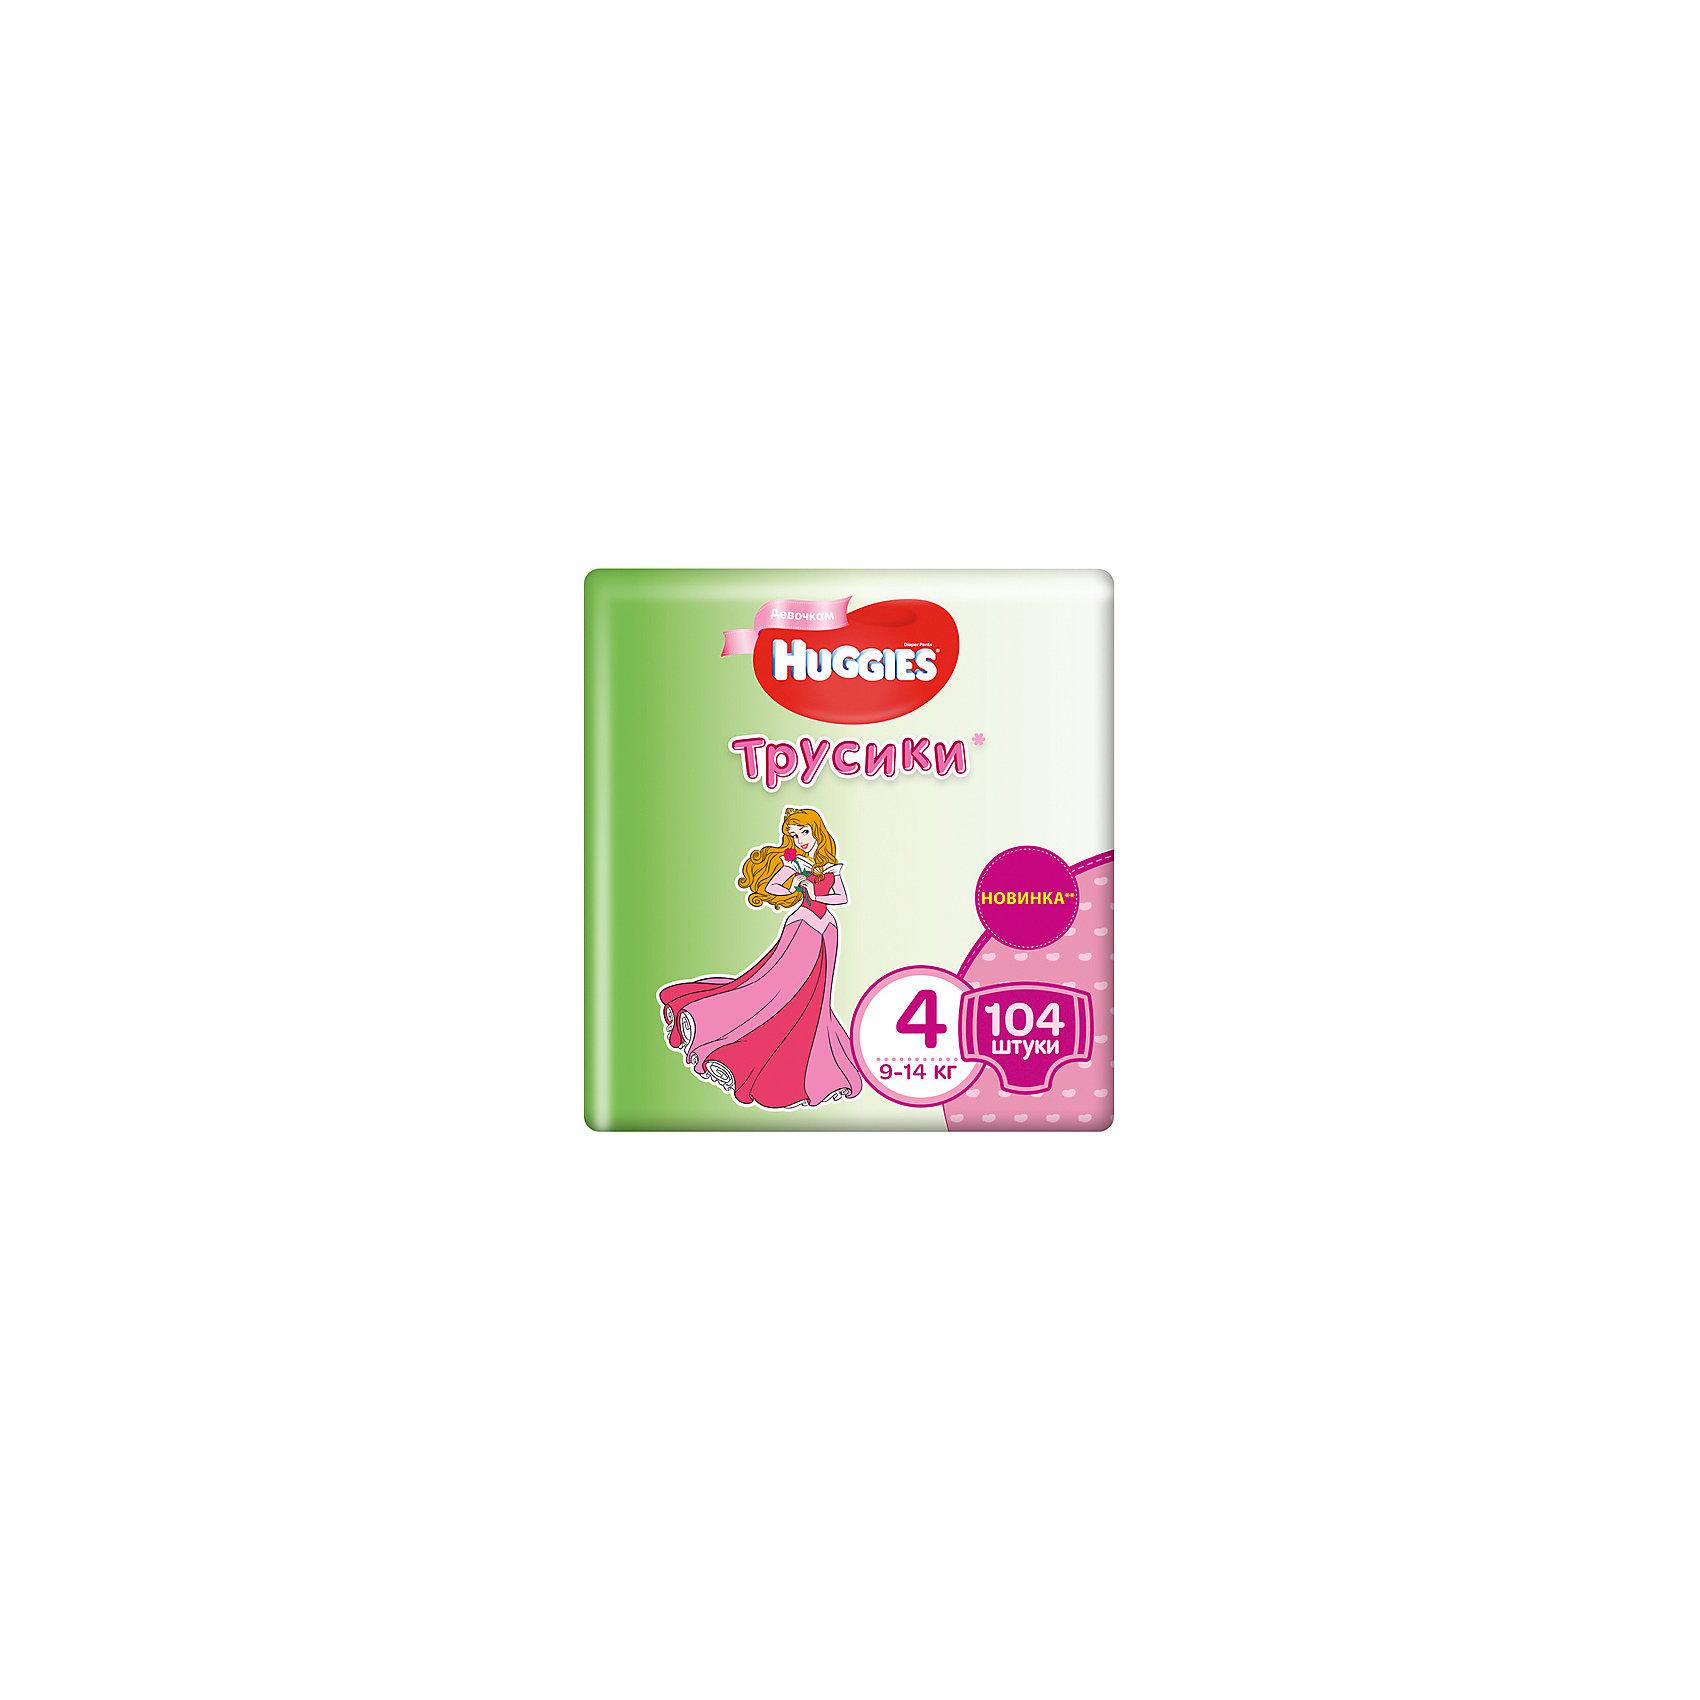 ФОТО huggies Трусики-подгузники 4 для девочек, 9-14 кг, disney box, 52*2, 104 шт., huggies